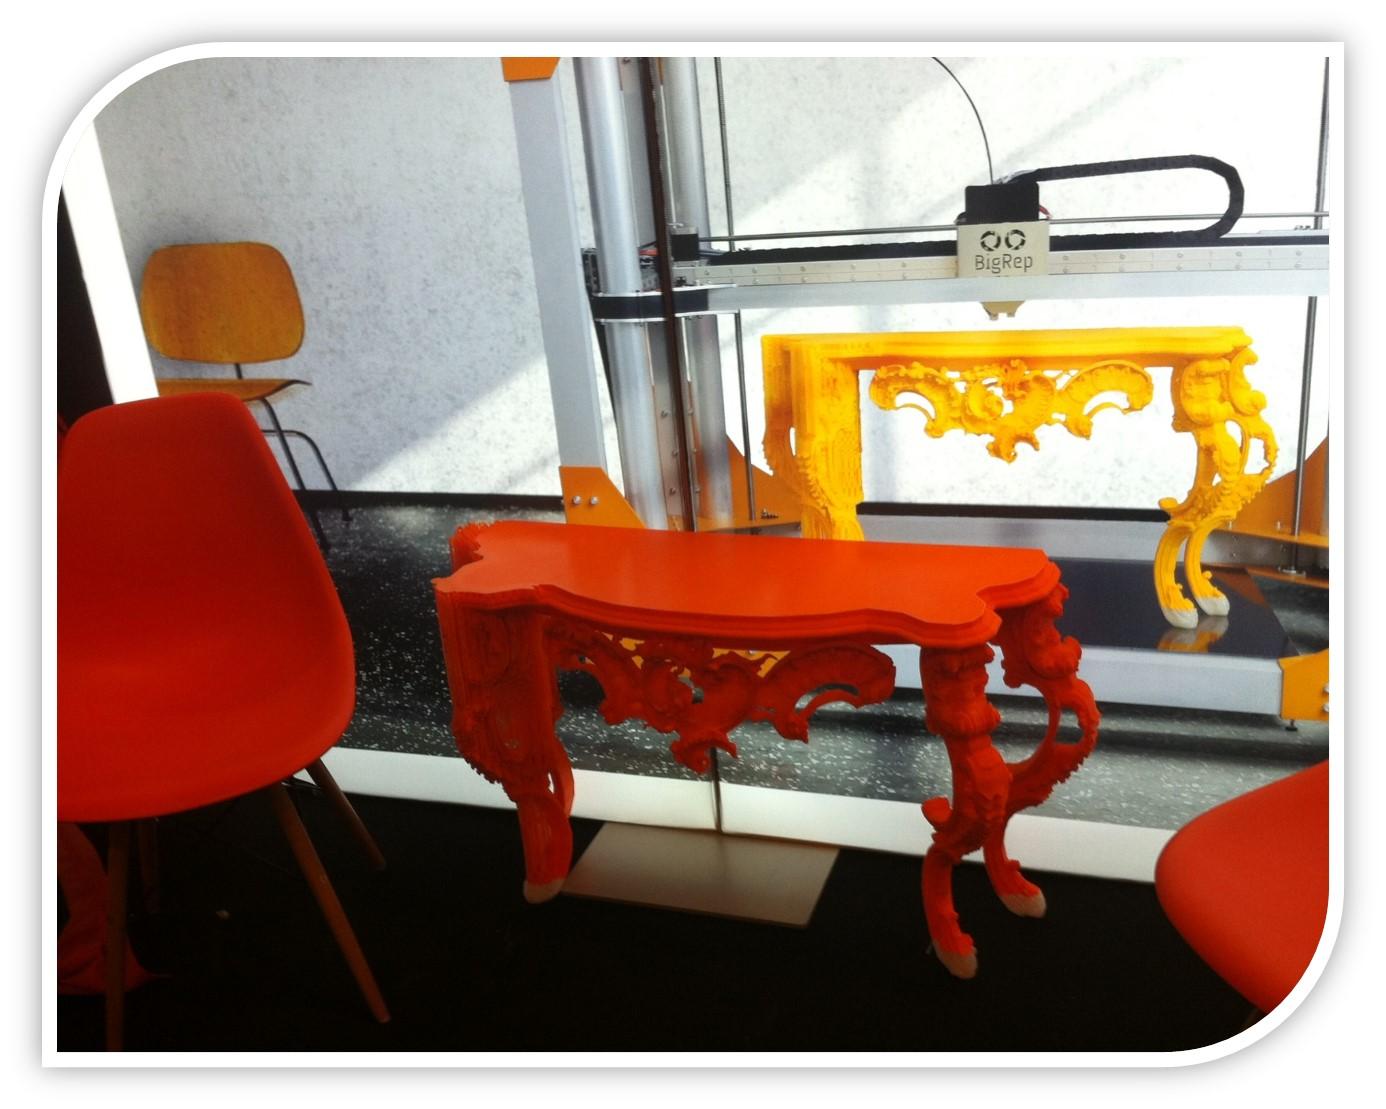 le 3d printshow de paris unfauxglobe. Black Bedroom Furniture Sets. Home Design Ideas